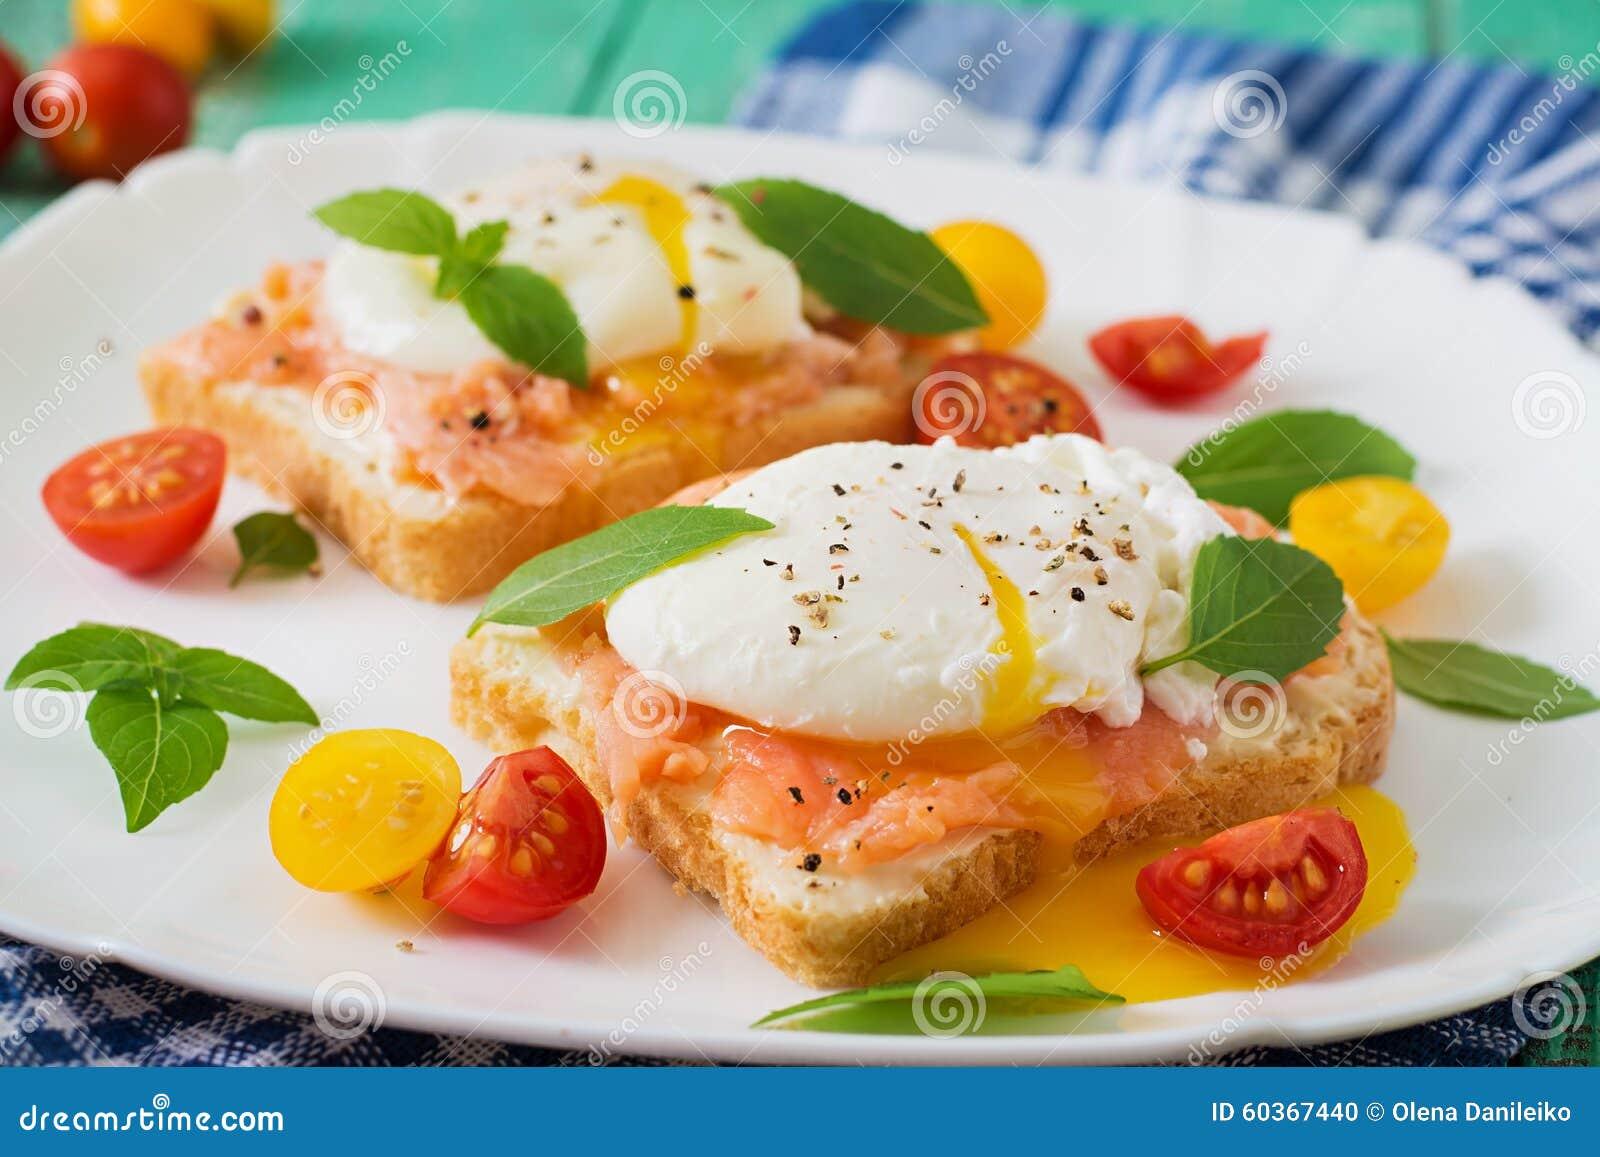 Sandwich avec les oeufs pochés avec des saumons